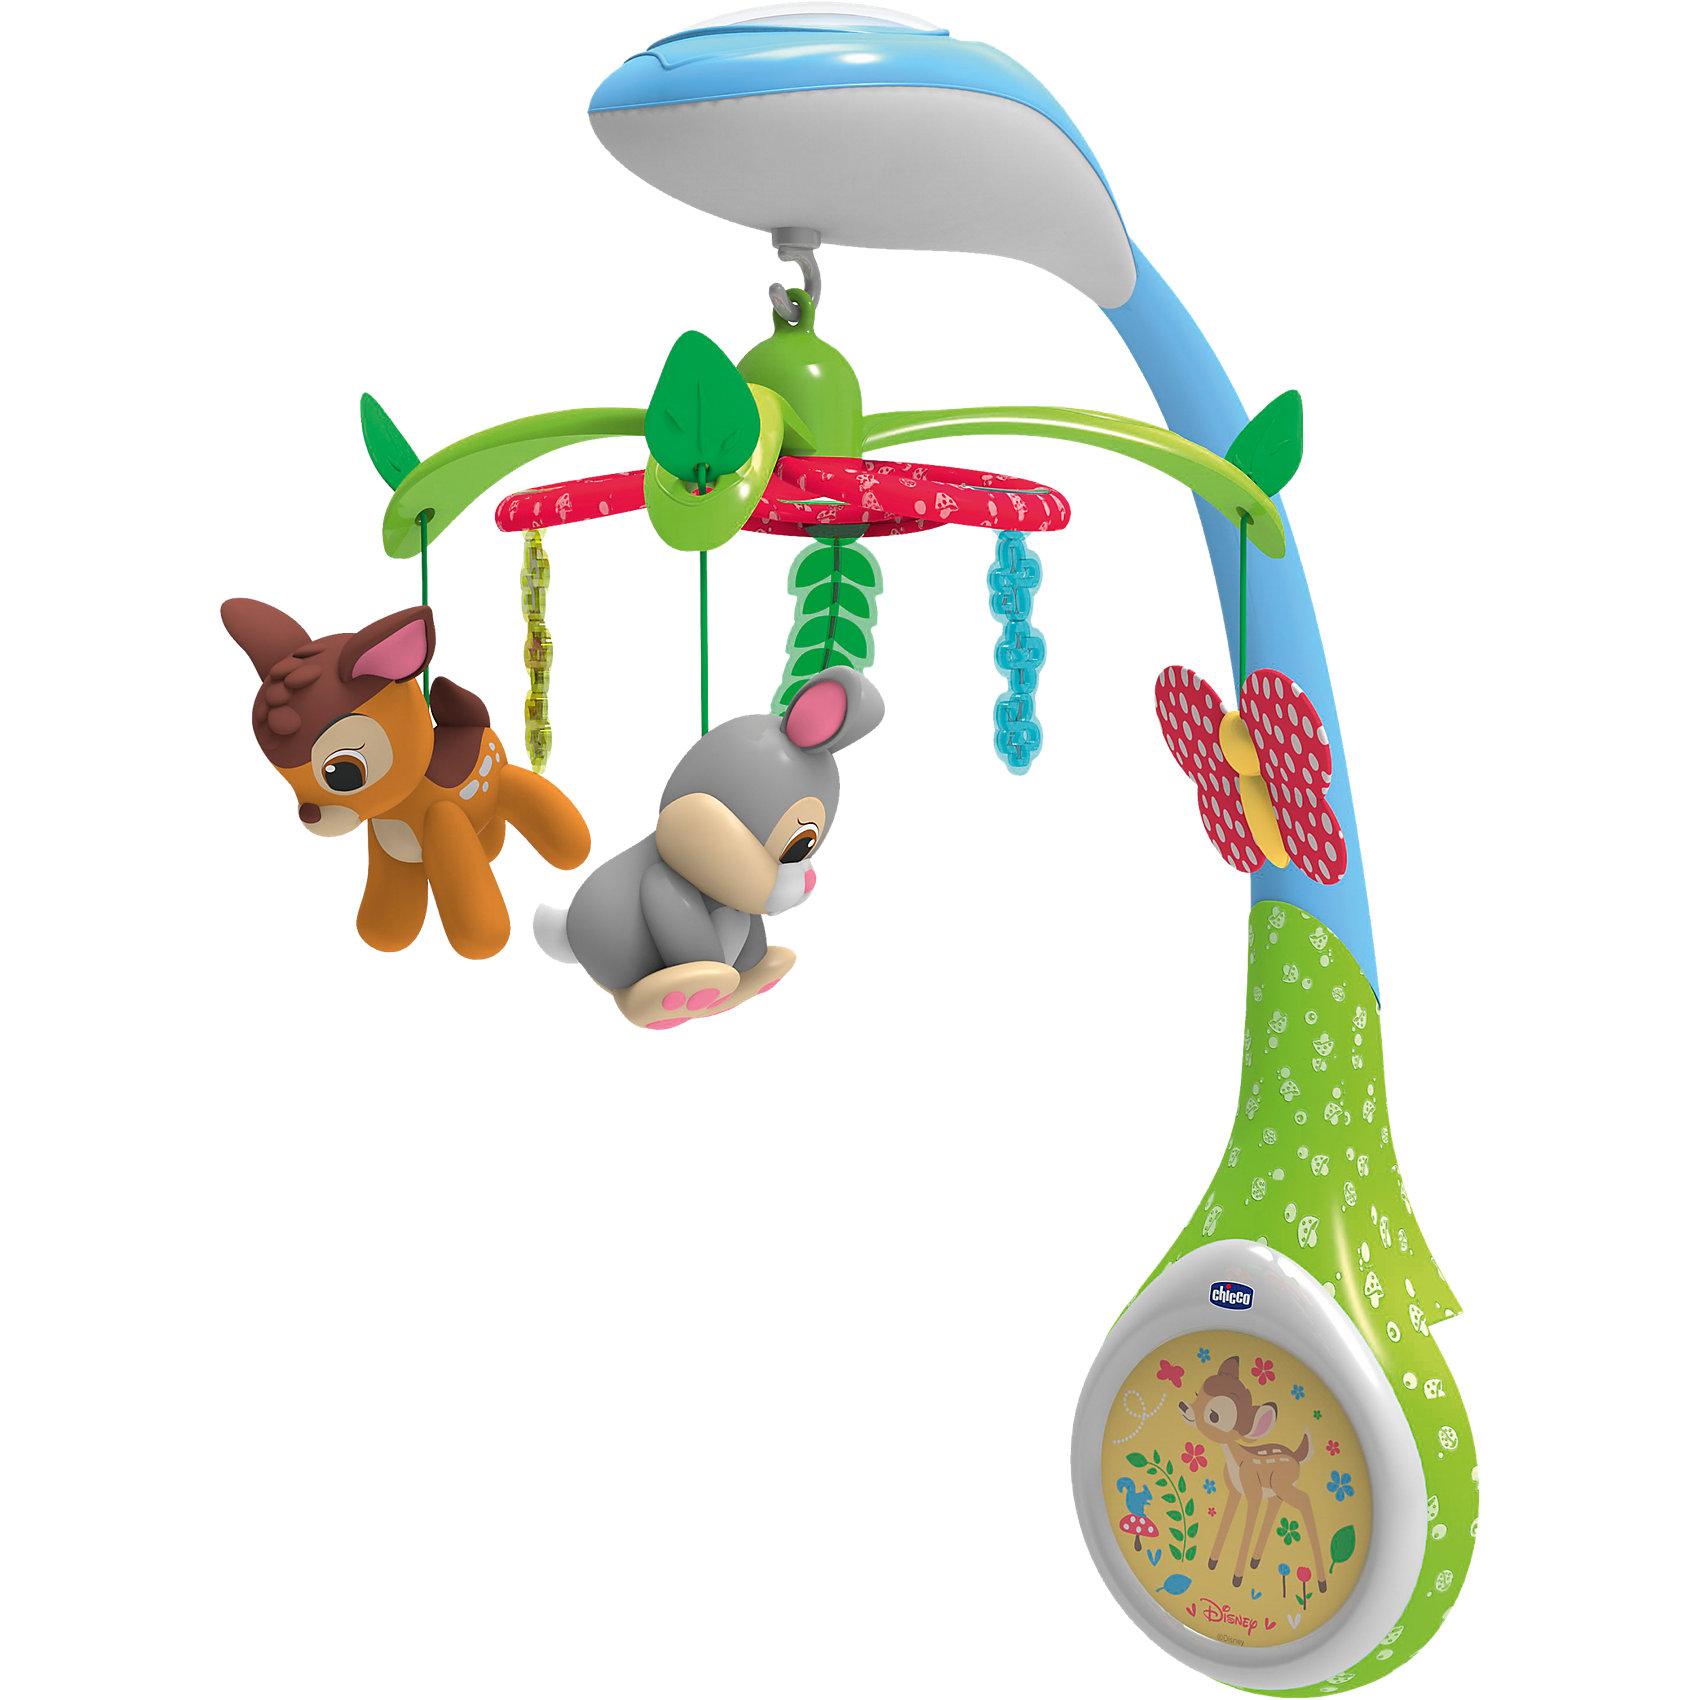 Игрушка-проектор для кроватки Бэмби, Disney, CHICCOИгрушка-проектор для кроватки Бэмби, Disney, CHICCO (ЧИКО) – порадует вашего малыша и создаст волшебную атмосферу во время сна.<br>Игрушка-проектор «Бэмби» от Chicco (Чико) имеет три волшебных функции, которые вы можете включать как по отдельности, так и выбрать нужную вам комбинацию в зависимости от того, что больше понравится вашему малышу. Функция проекция: на потолок проецируются фигурки персонажей из Бэмби - олененок, бабочки, птички и цветы. Проекция может быть в трех различных цветах - нежно-зеленый, мягкий желтый и светло-голубой. Цвет меняется автоматически, но вы также и сами можете выбрать понравившийся режим. Функция музыка: 7 видов нежных и красивейших мелодий, мягких и расслабляющих звуков, которые длятся до 15 минут. Музыка нежно окутает вашего малыша и создает в комнате атмосферу волшебства, спокойствия и уюта. Функция вращение: 3 подвески-игрушки из ткани, изображающие милых персонажей сказки про Бэмби, вращаются над кроваткой малыша. Игрушка-проектор «Бэмби» от Chicco (Чико) легко крепится на кроватке.<br><br>Дополнительная информация:<br><br>- Мелодии: 2 стиля музыки и звуки природы<br>- Материал: пластик, текстиль<br>- Батарейки: 3 типа АА (не входят в комплект)<br>- Размер упаковки: 20,9 х 27,7 х 18,8 см.<br>- Вес: 1,4 кг.<br><br>Игрушку-проектор для кроватки Бэмби, Disney, CHICCO (ЧИКО) можно купить в нашем интернет-магазине.<br><br>Ширина мм: 404<br>Глубина мм: 309<br>Высота мм: 129<br>Вес г: 1301<br>Возраст от месяцев: 0<br>Возраст до месяцев: 24<br>Пол: Унисекс<br>Возраст: Детский<br>SKU: 3943215